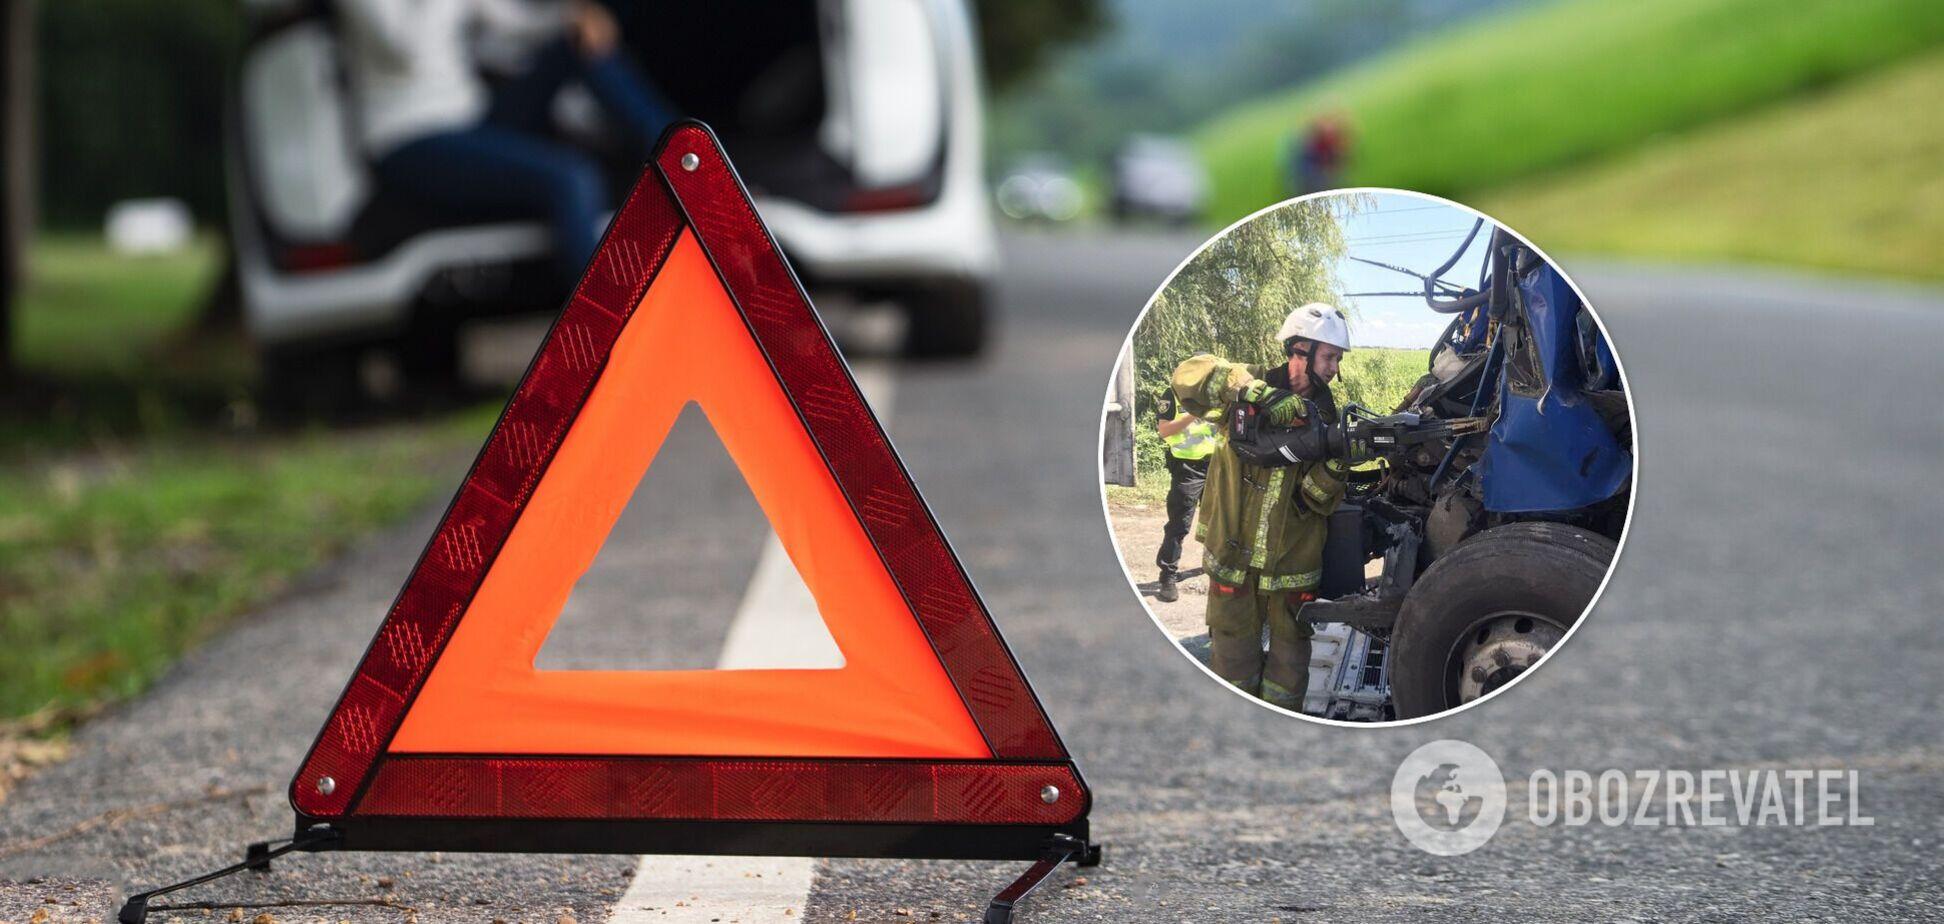 Причини аварії встановить поліція